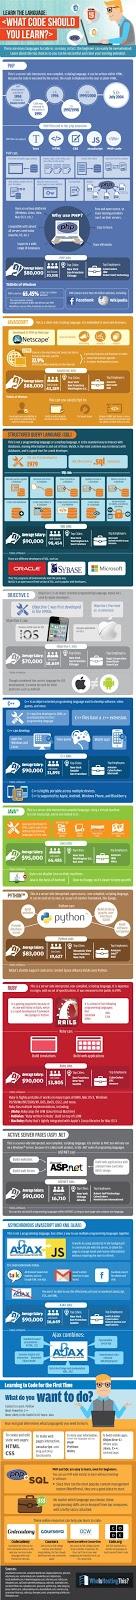 Ποια γλώσσα προγραμματισμού αξίζει να μάθεις [Infographic]; 1